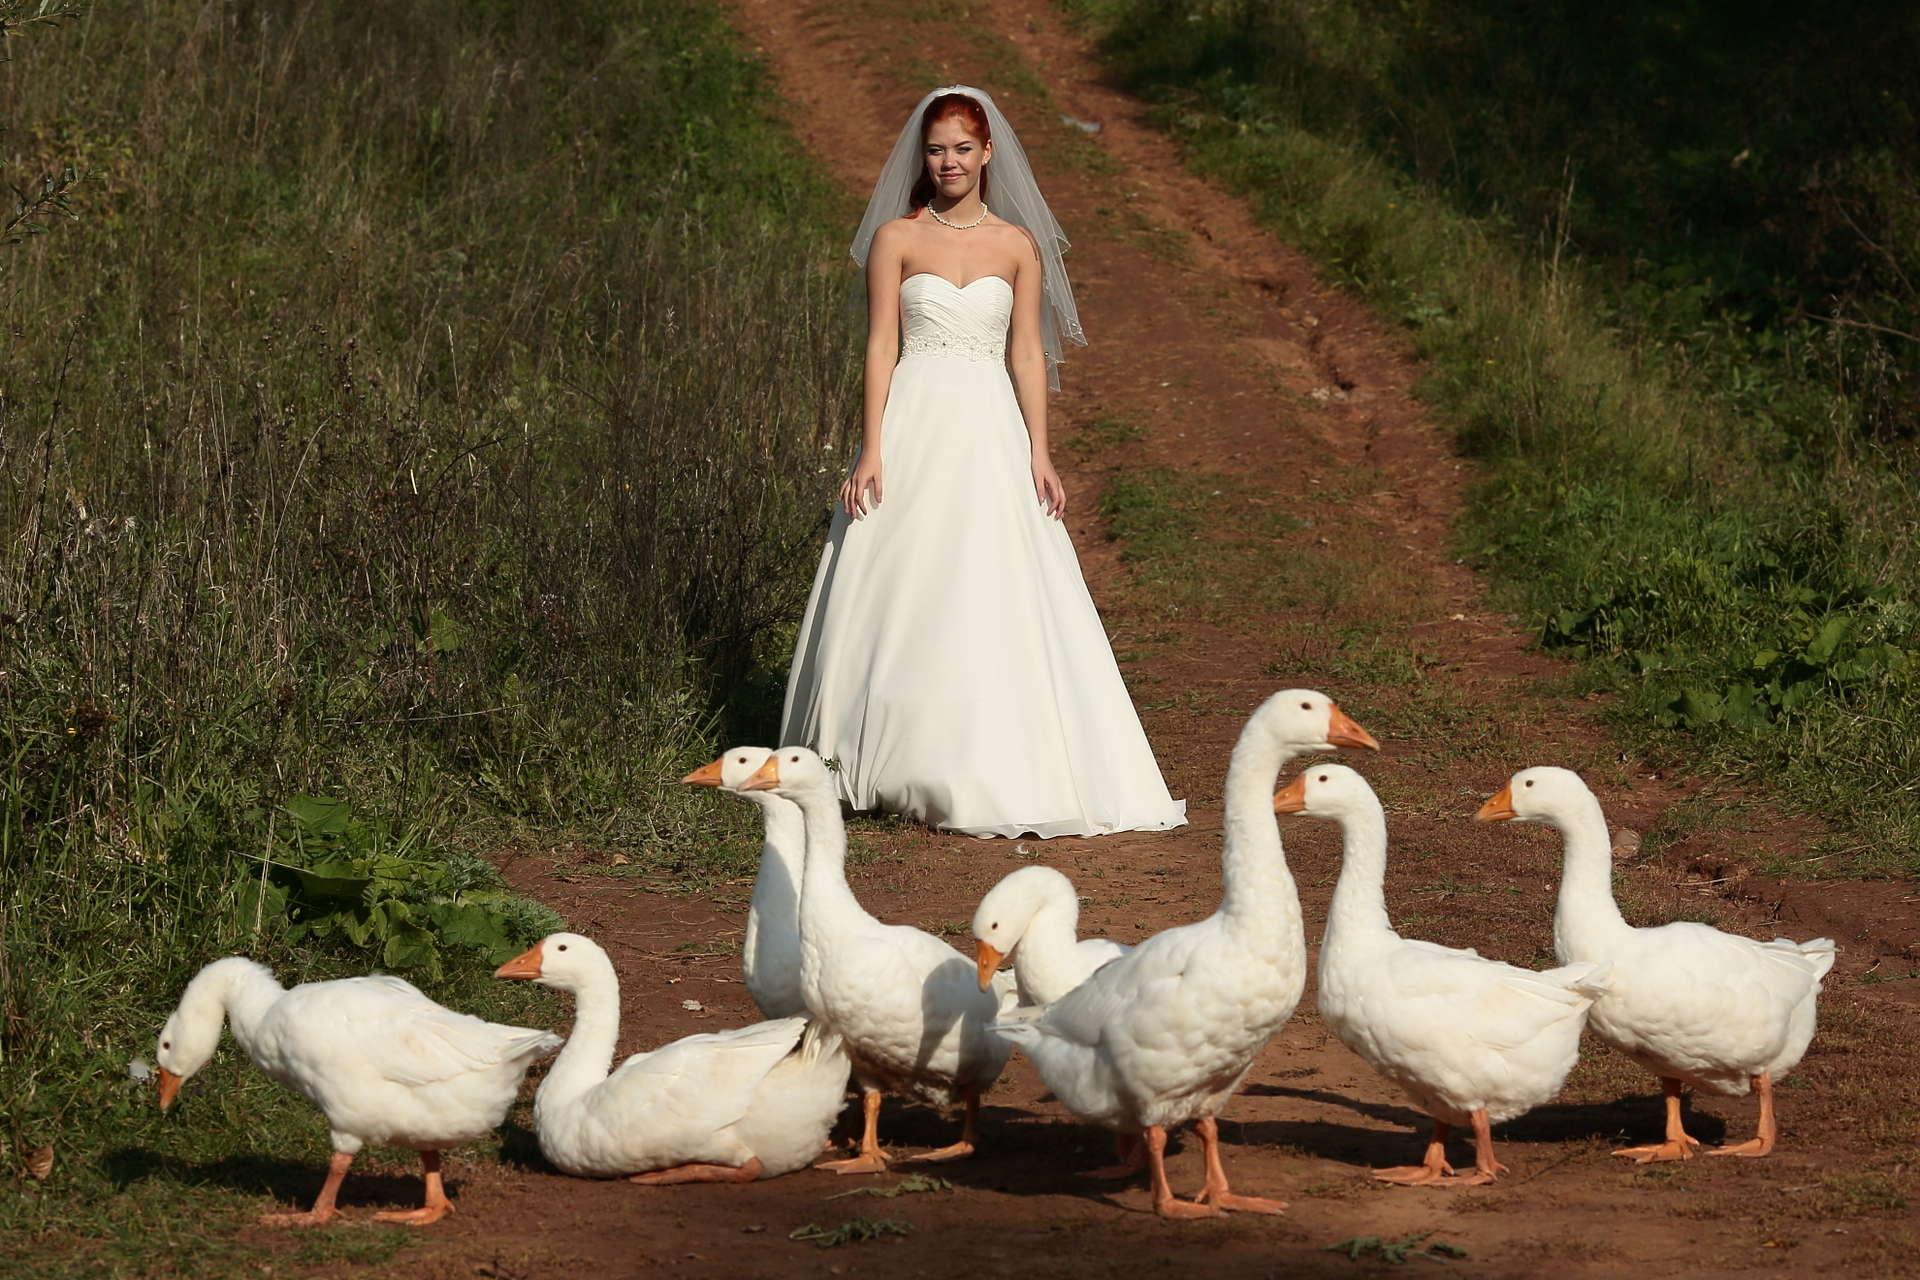 последние годы картинки свадебные гуси колонка ожидаемый